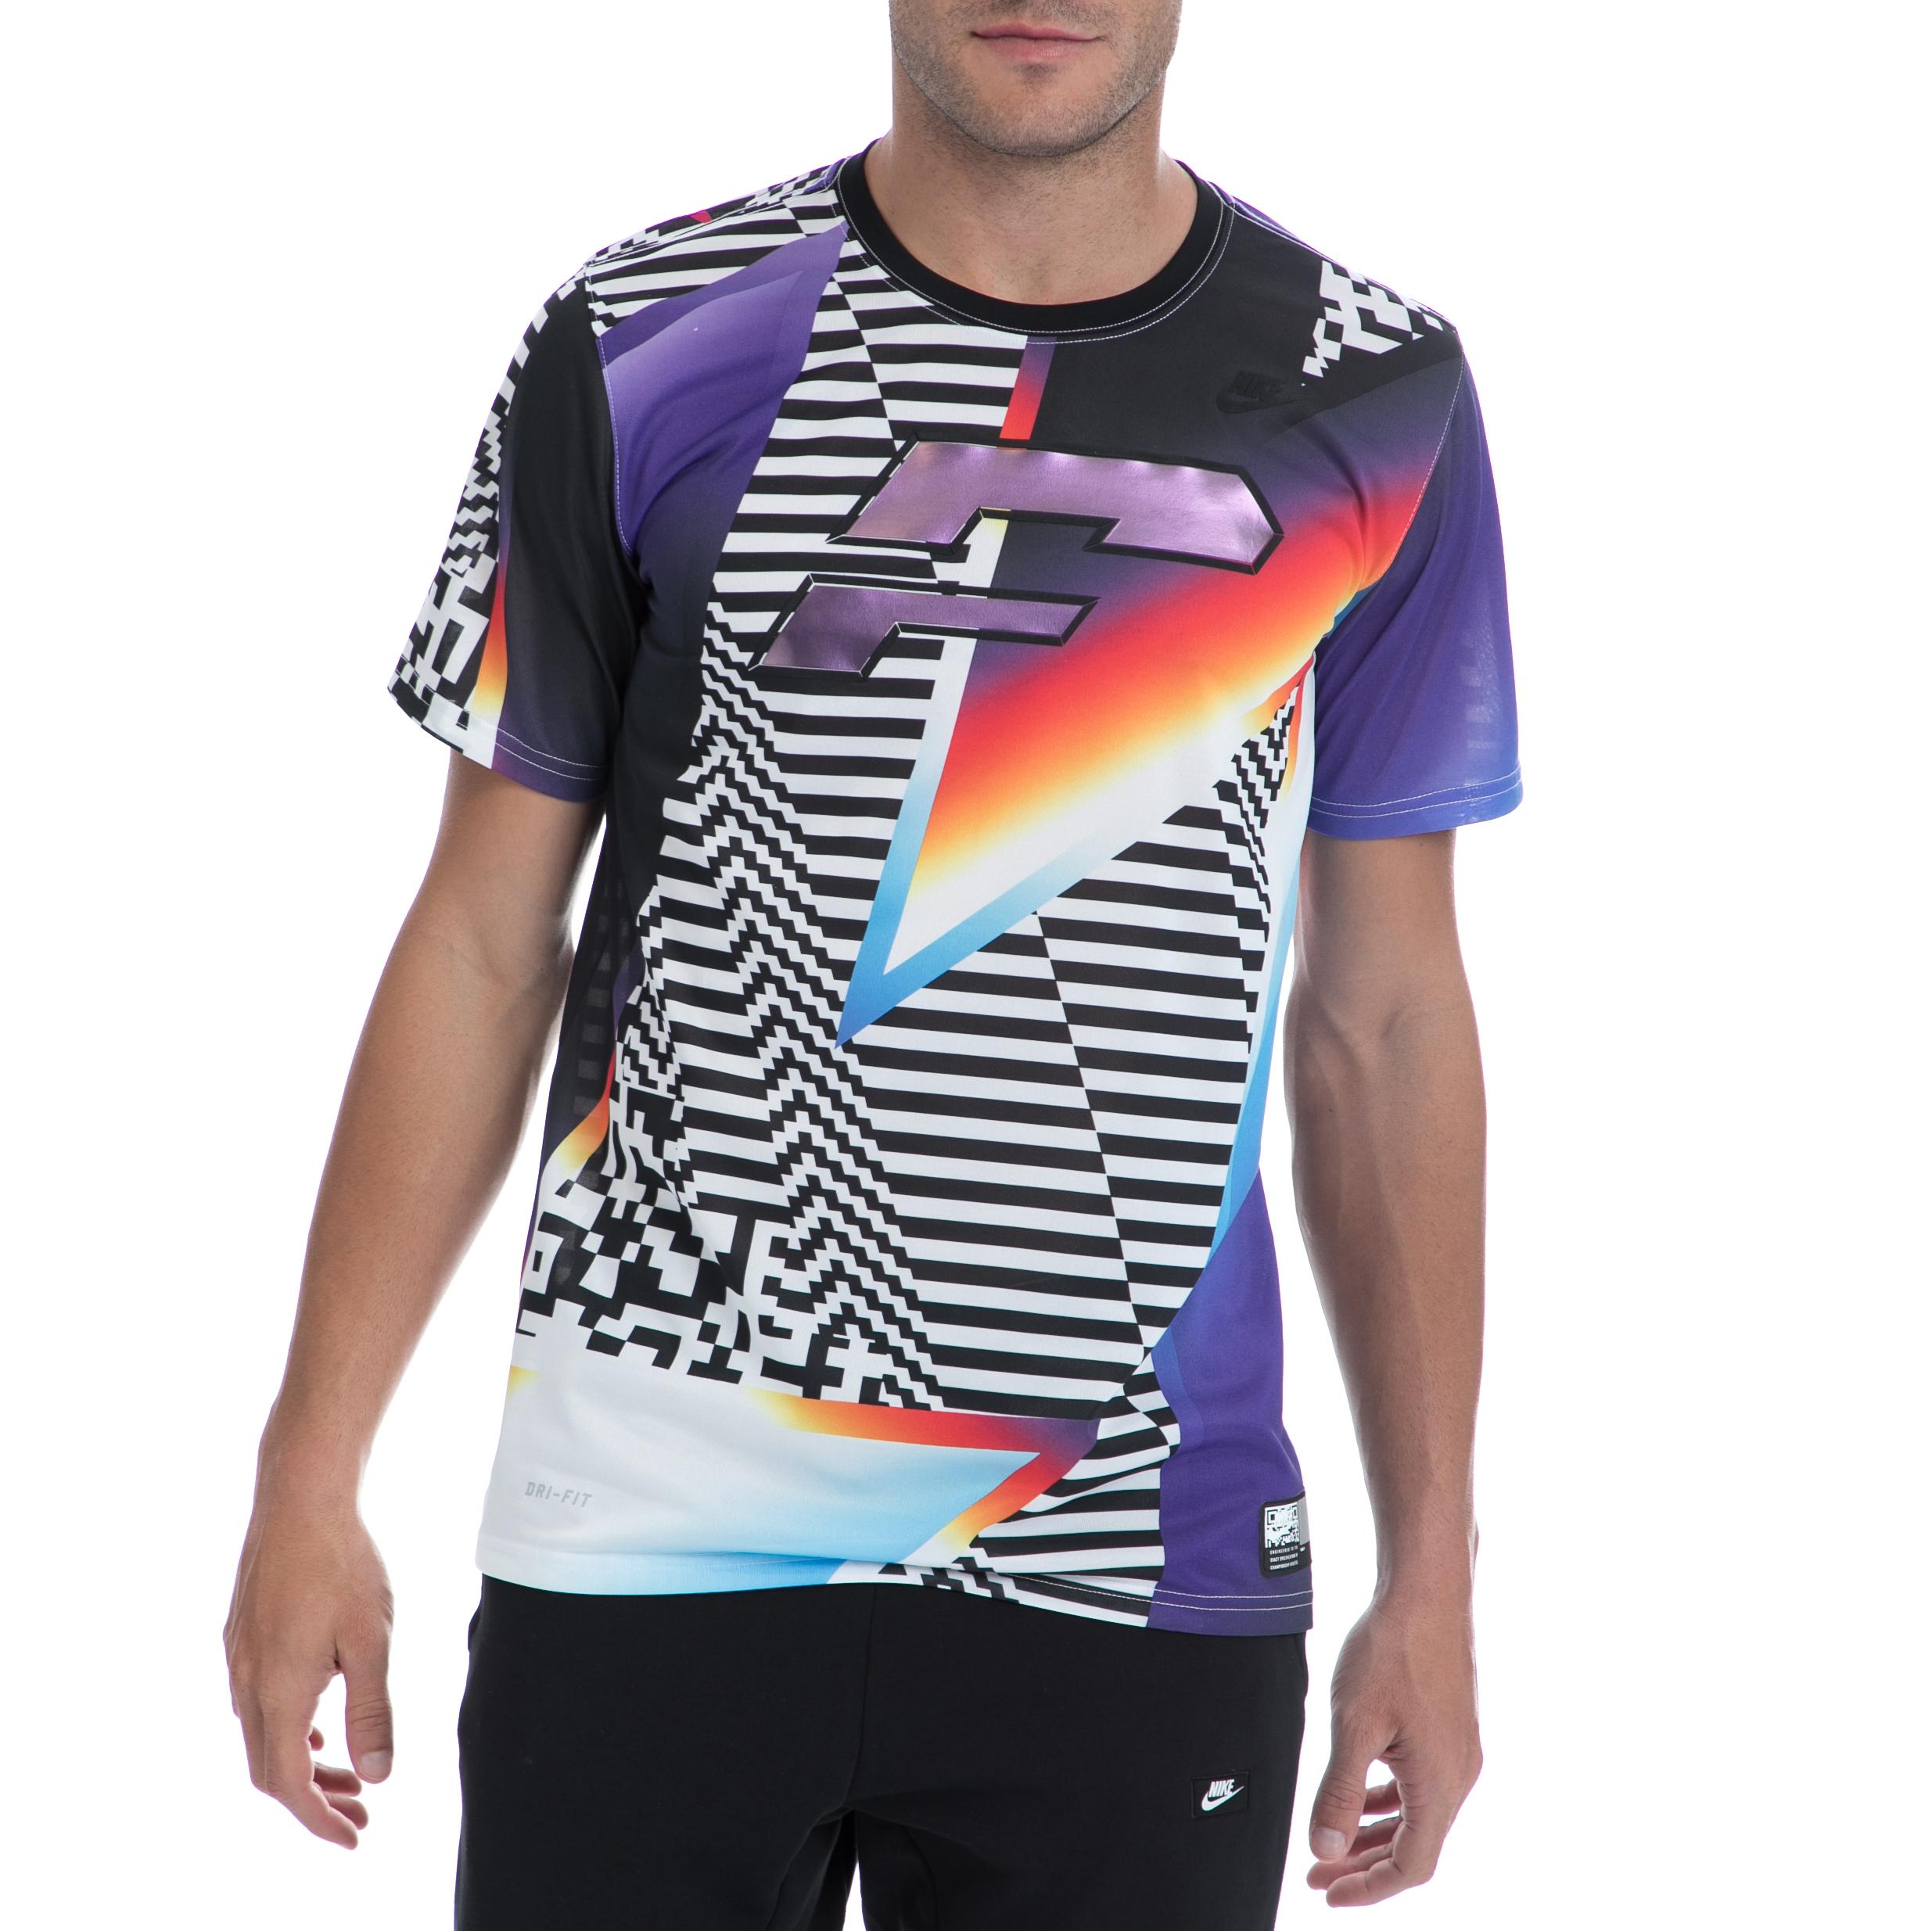 NIKE - Ανδρική μπλούζα NIKE πολύχρωμη